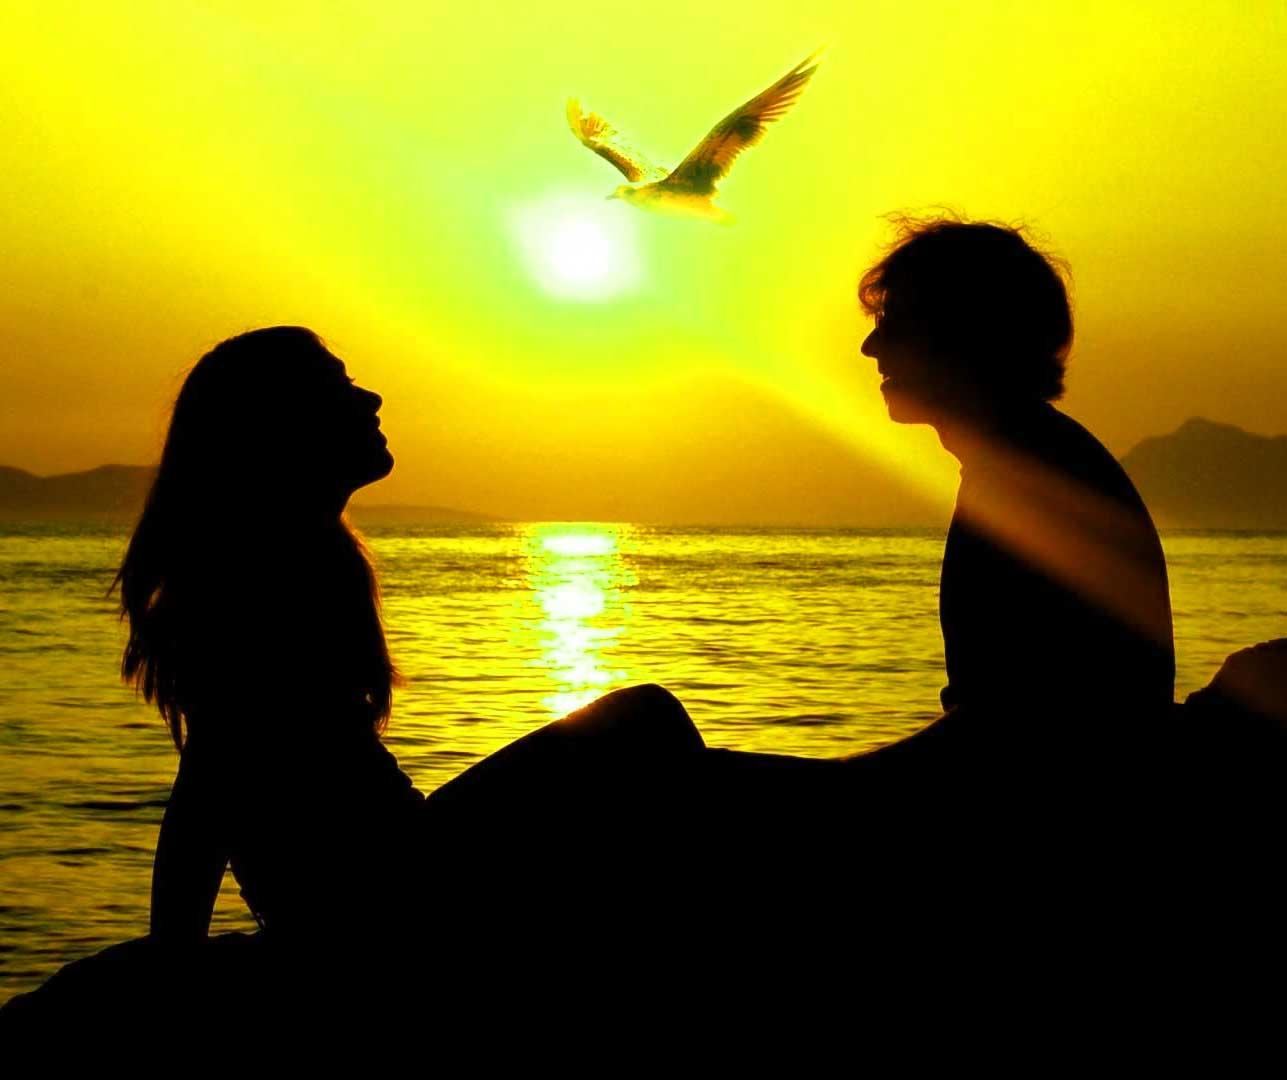 New Love Dp Pics Hd